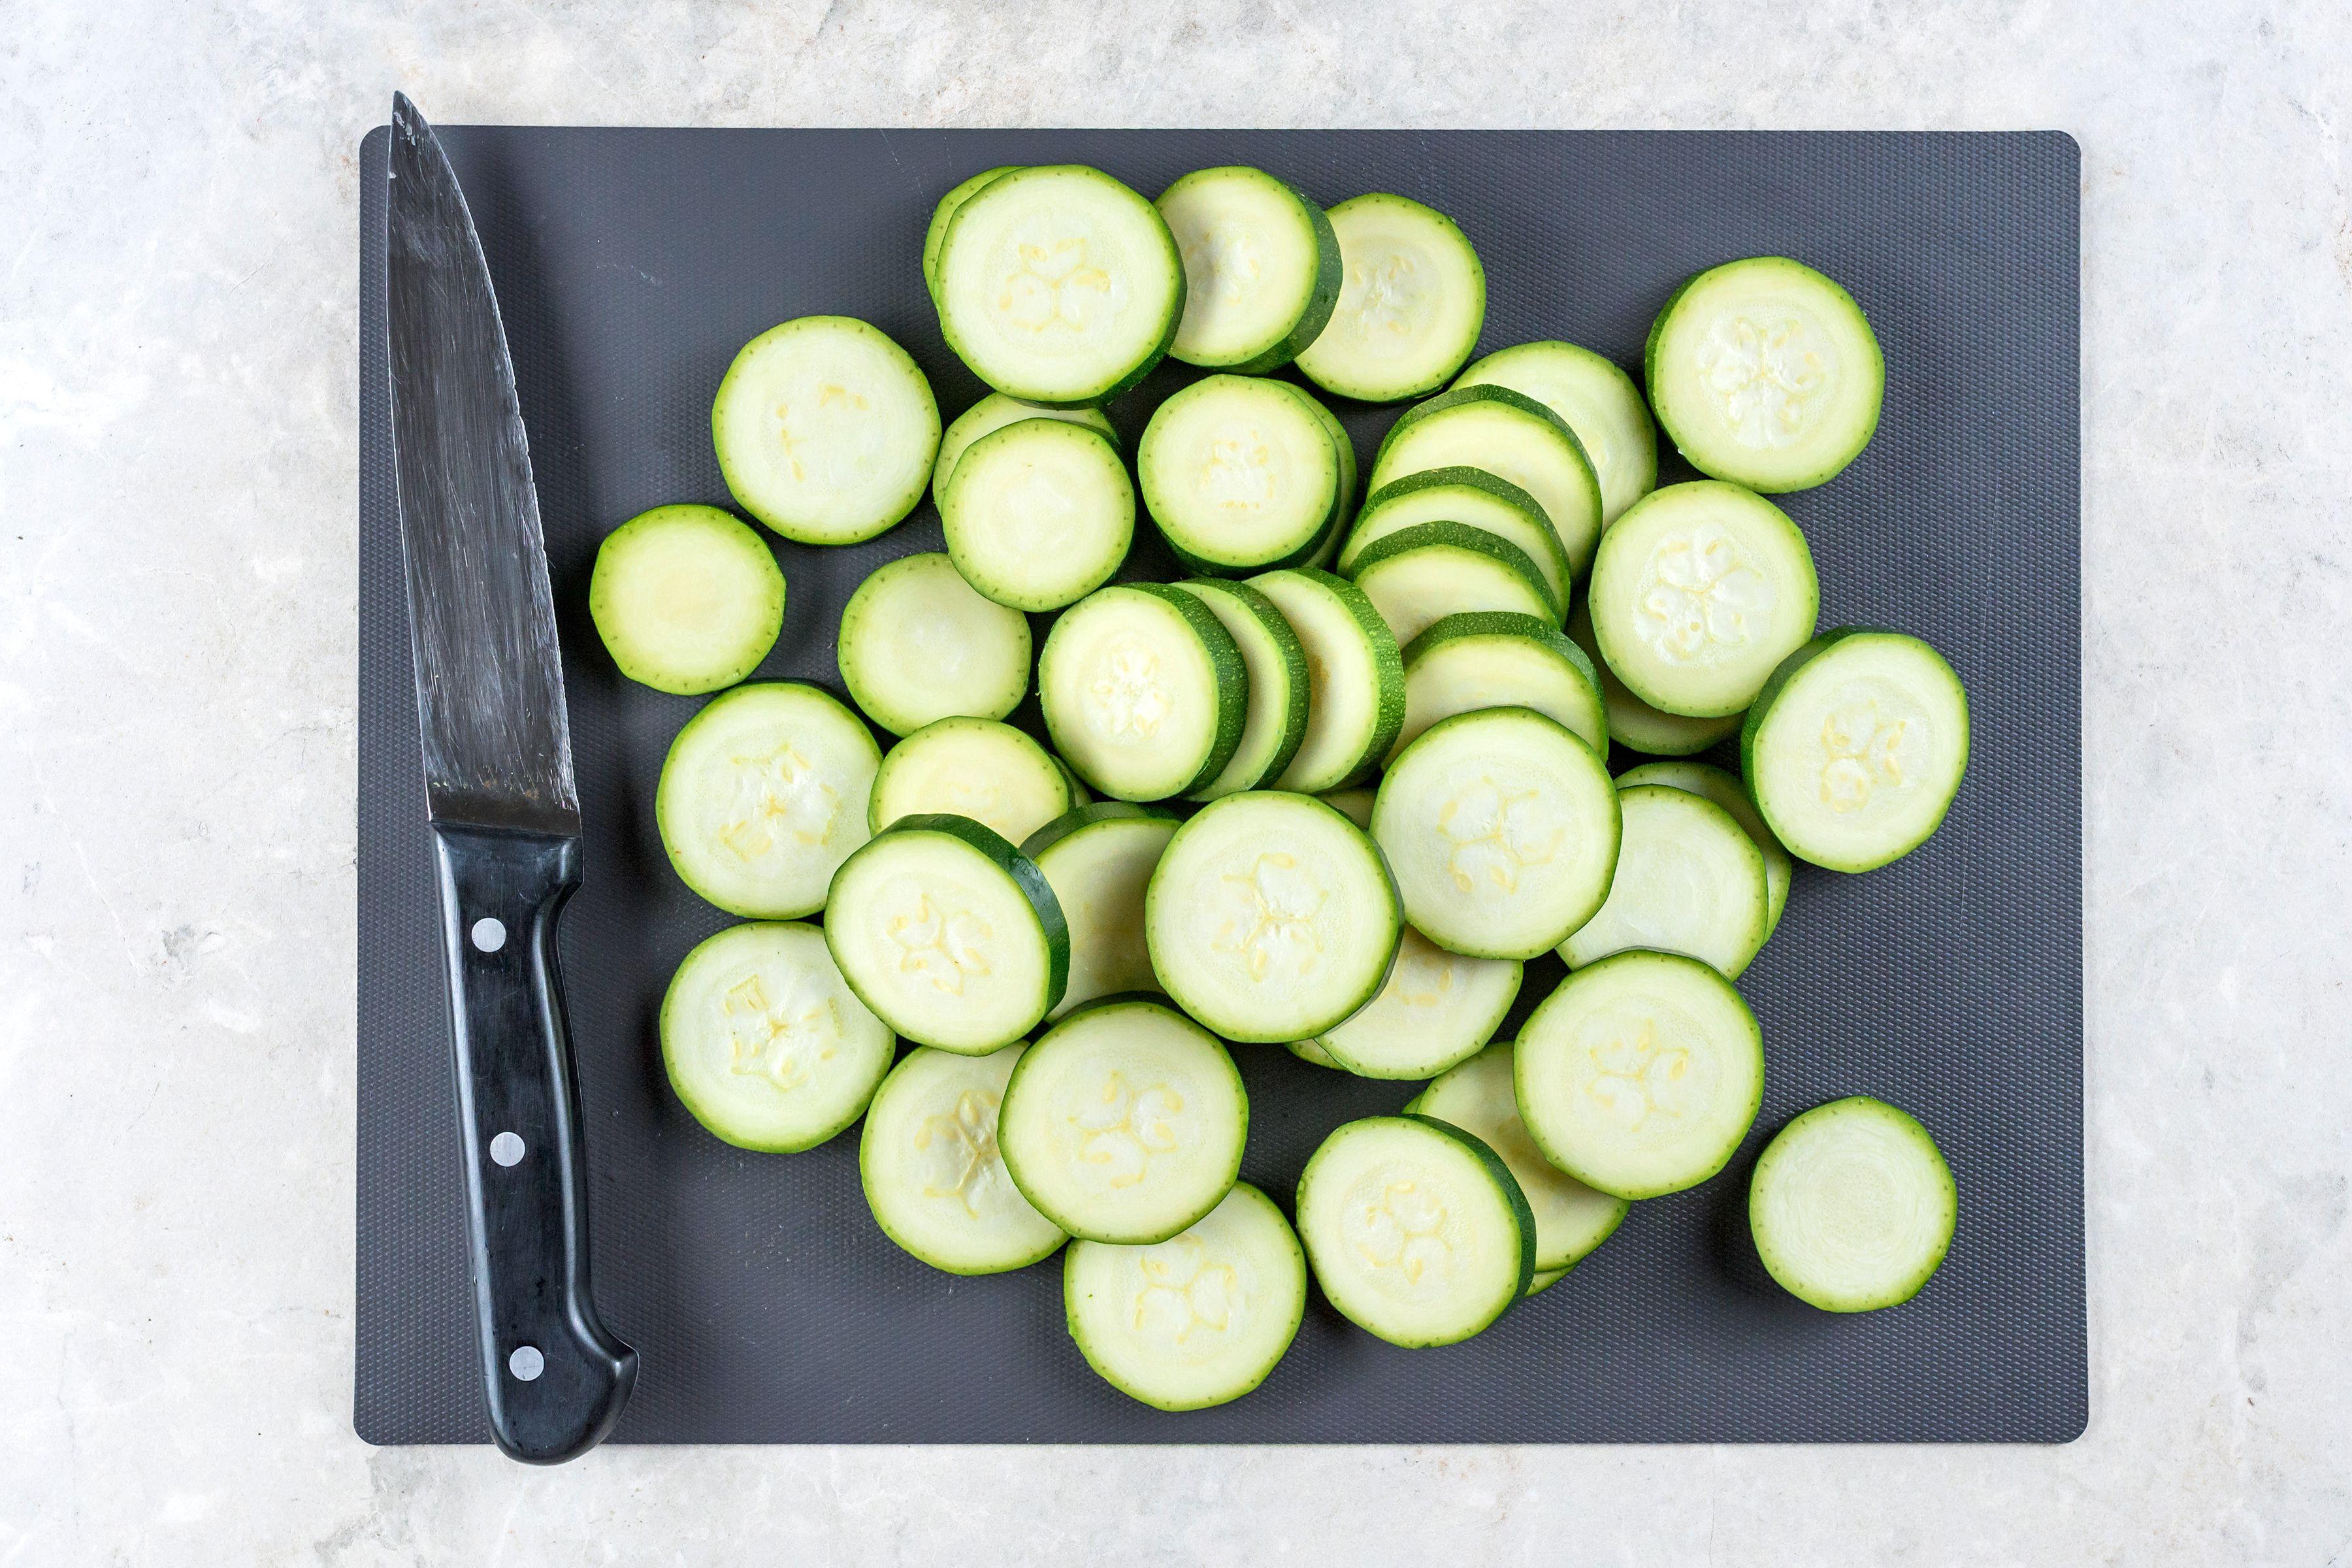 Wash and slice zucchini